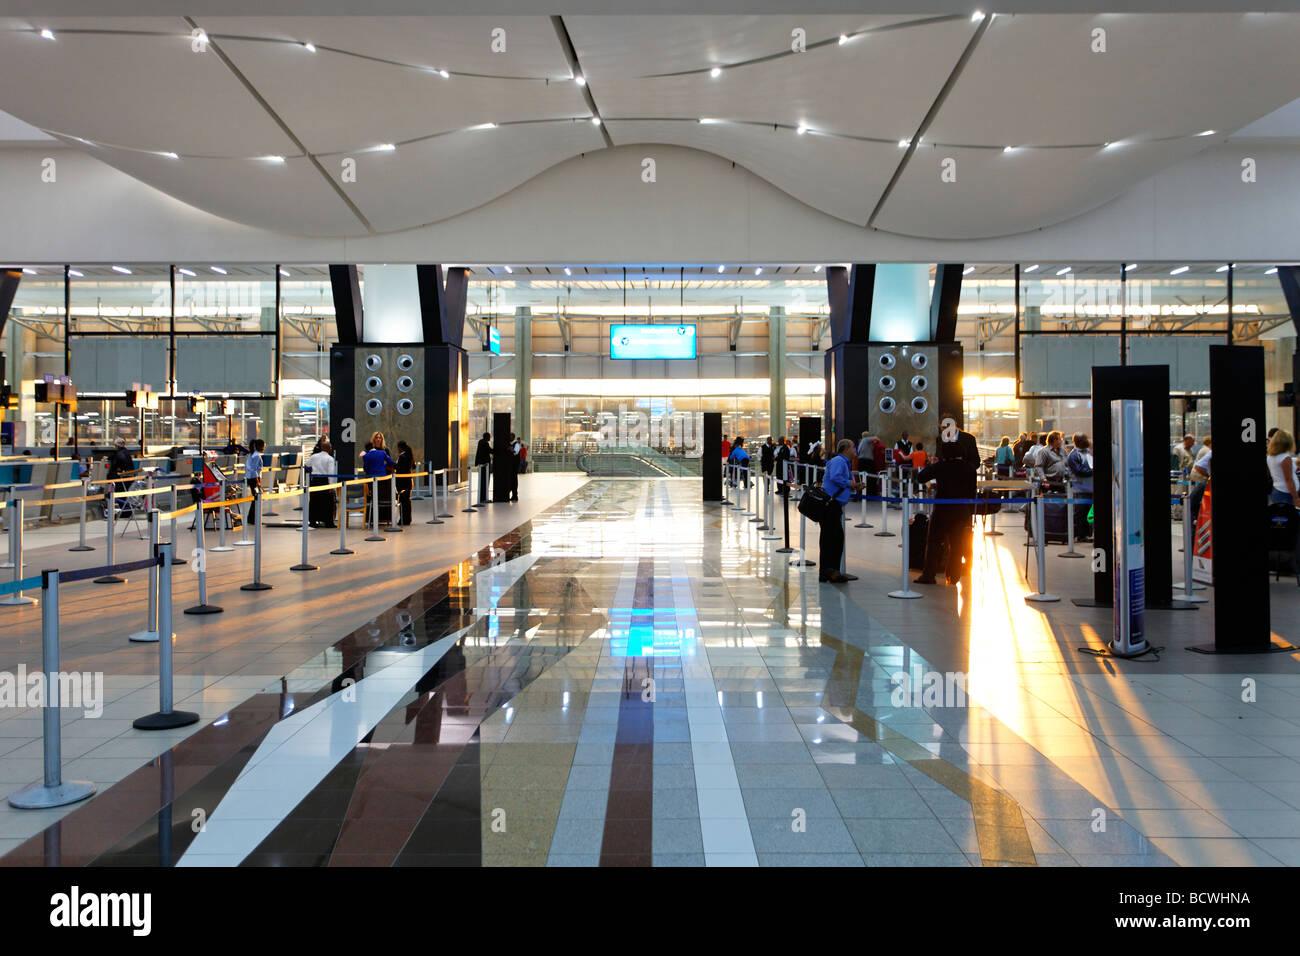 Casino jnb airport